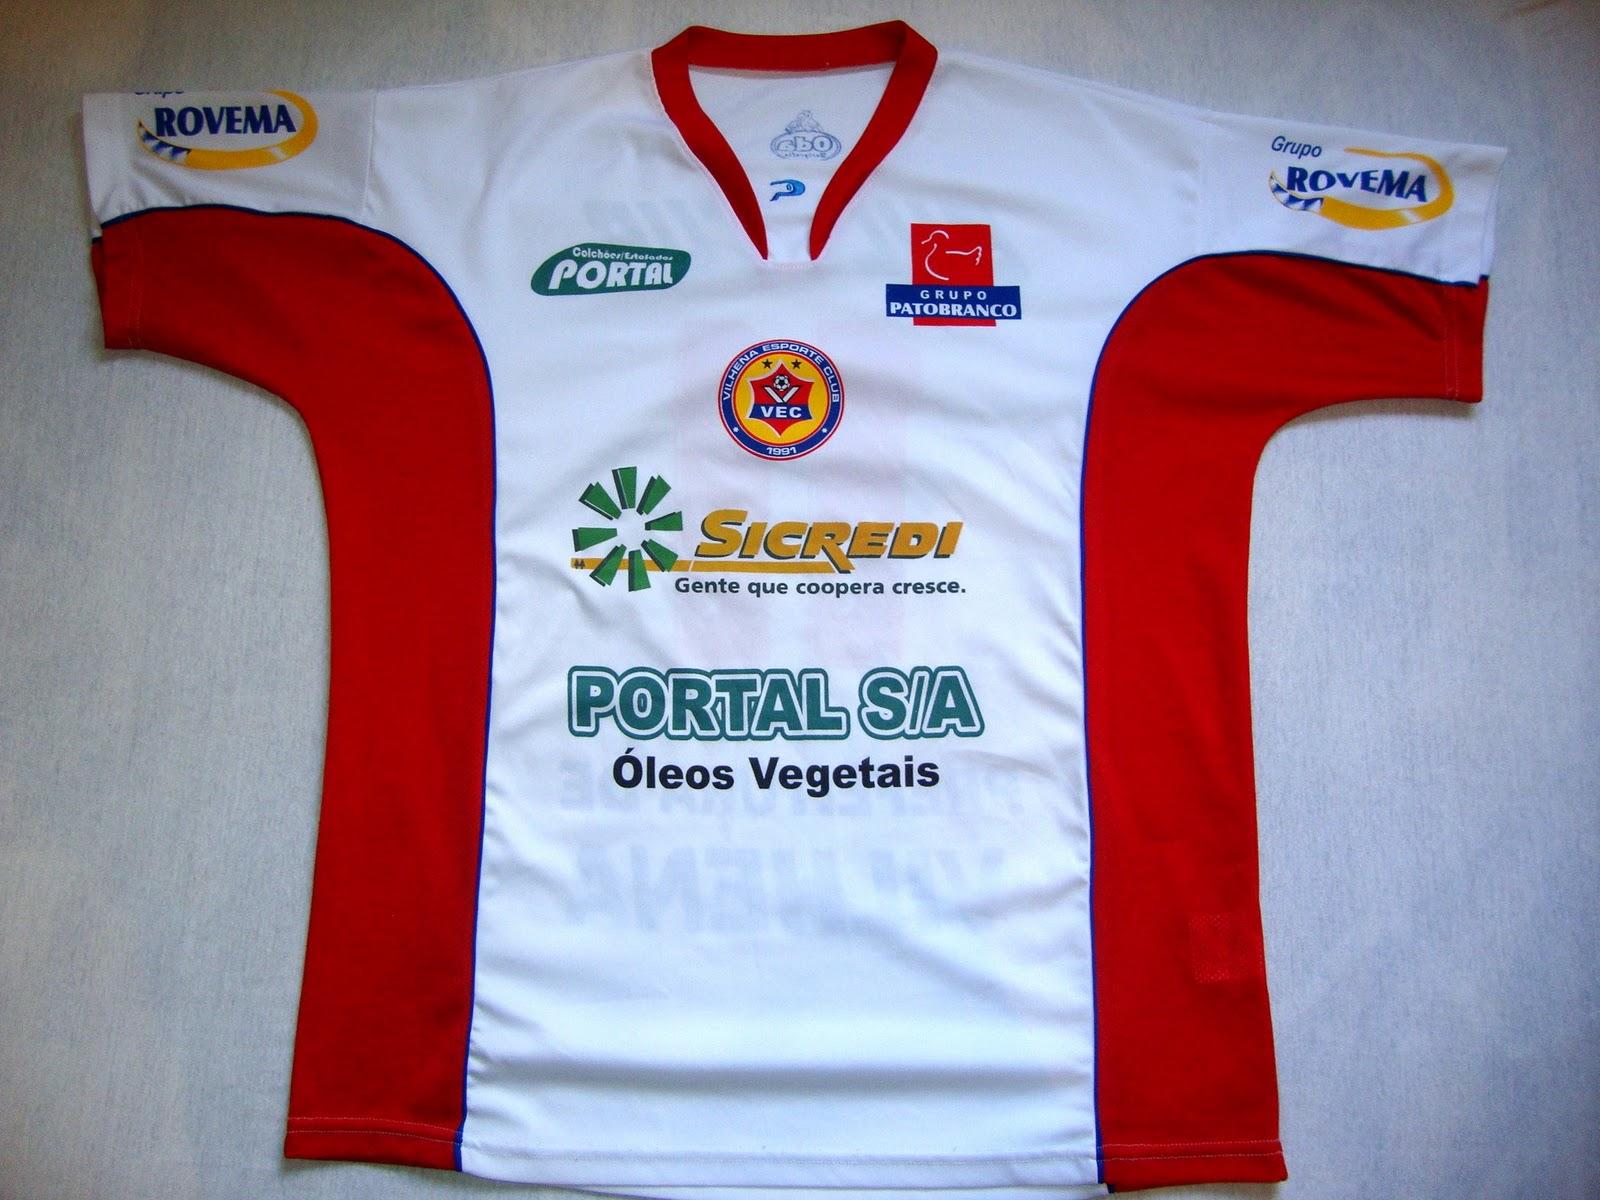 686828c226 Vilhena Esporte Clube (RO) - Show de Camisas